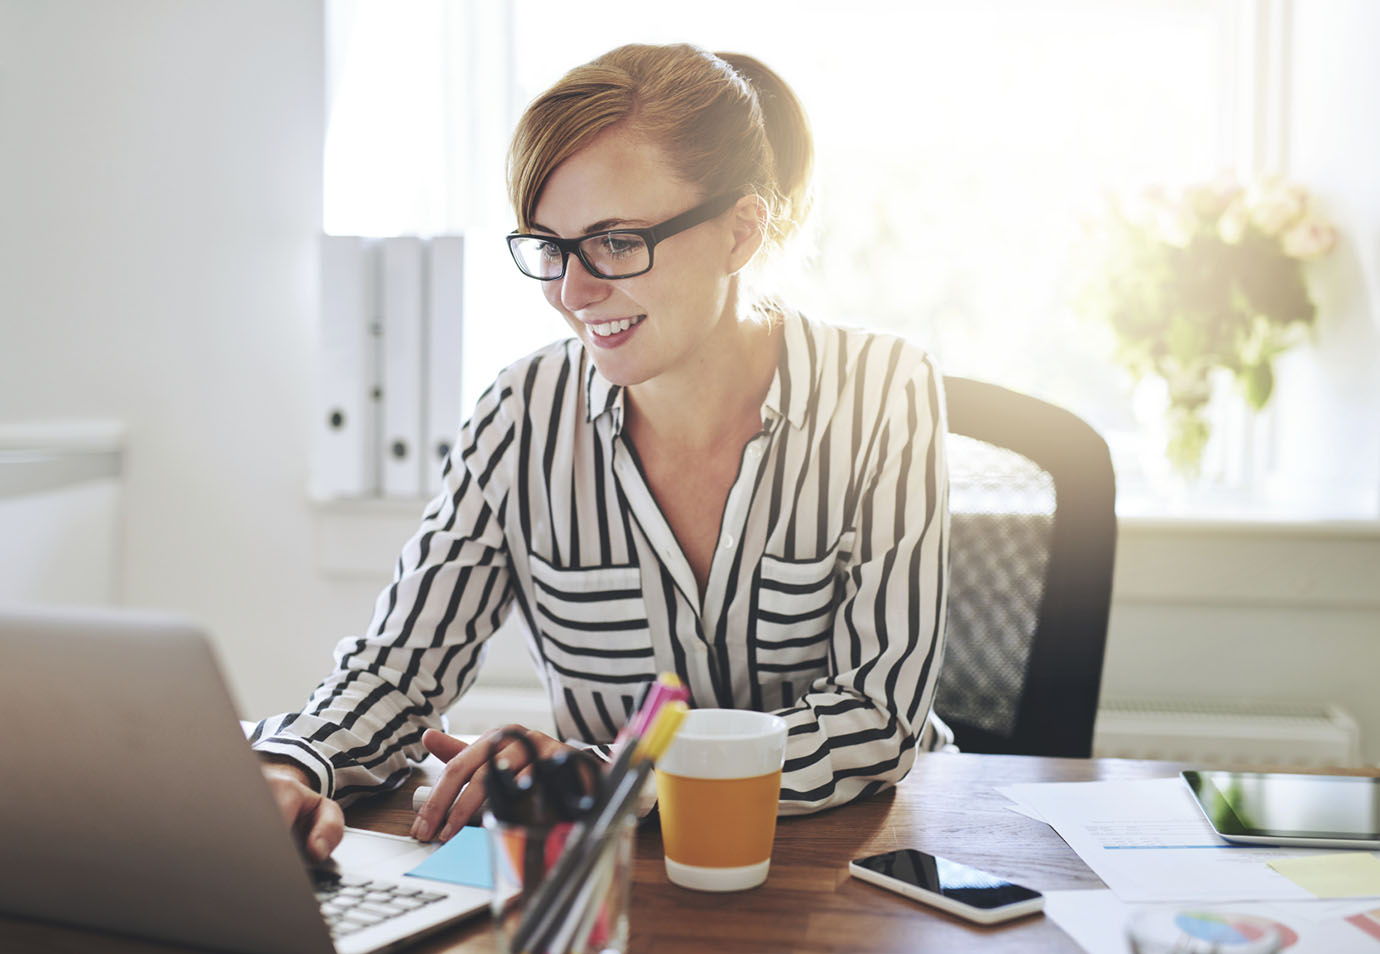 5 dicas para melhorar o desempenho e não levar trabalho para a casa